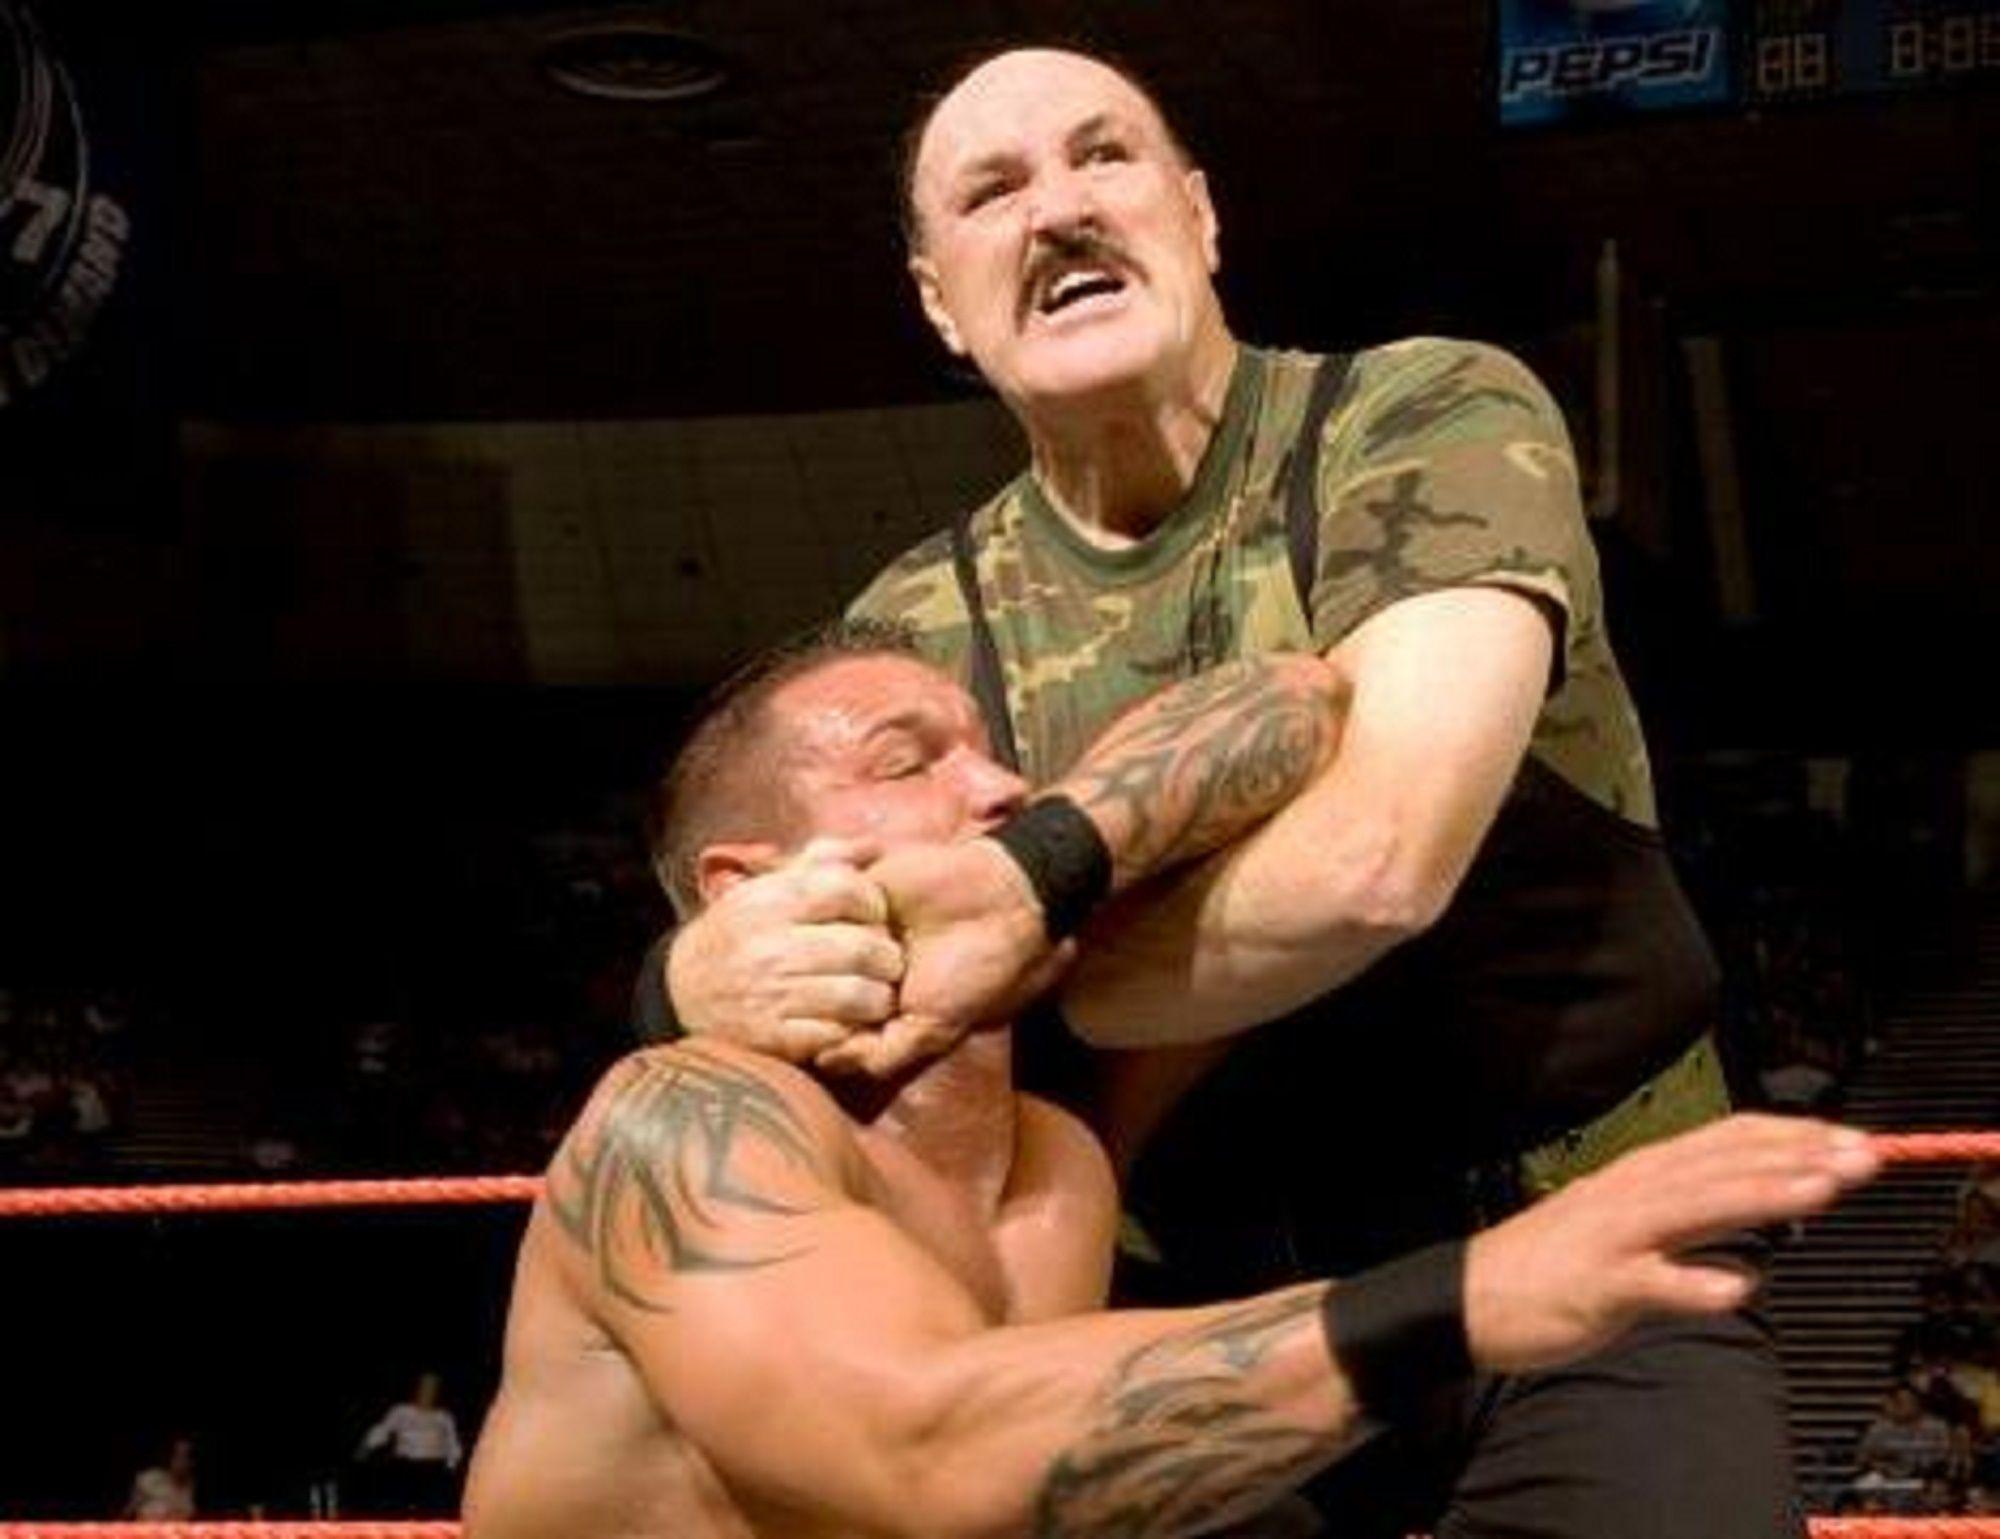 via wrestling123.org